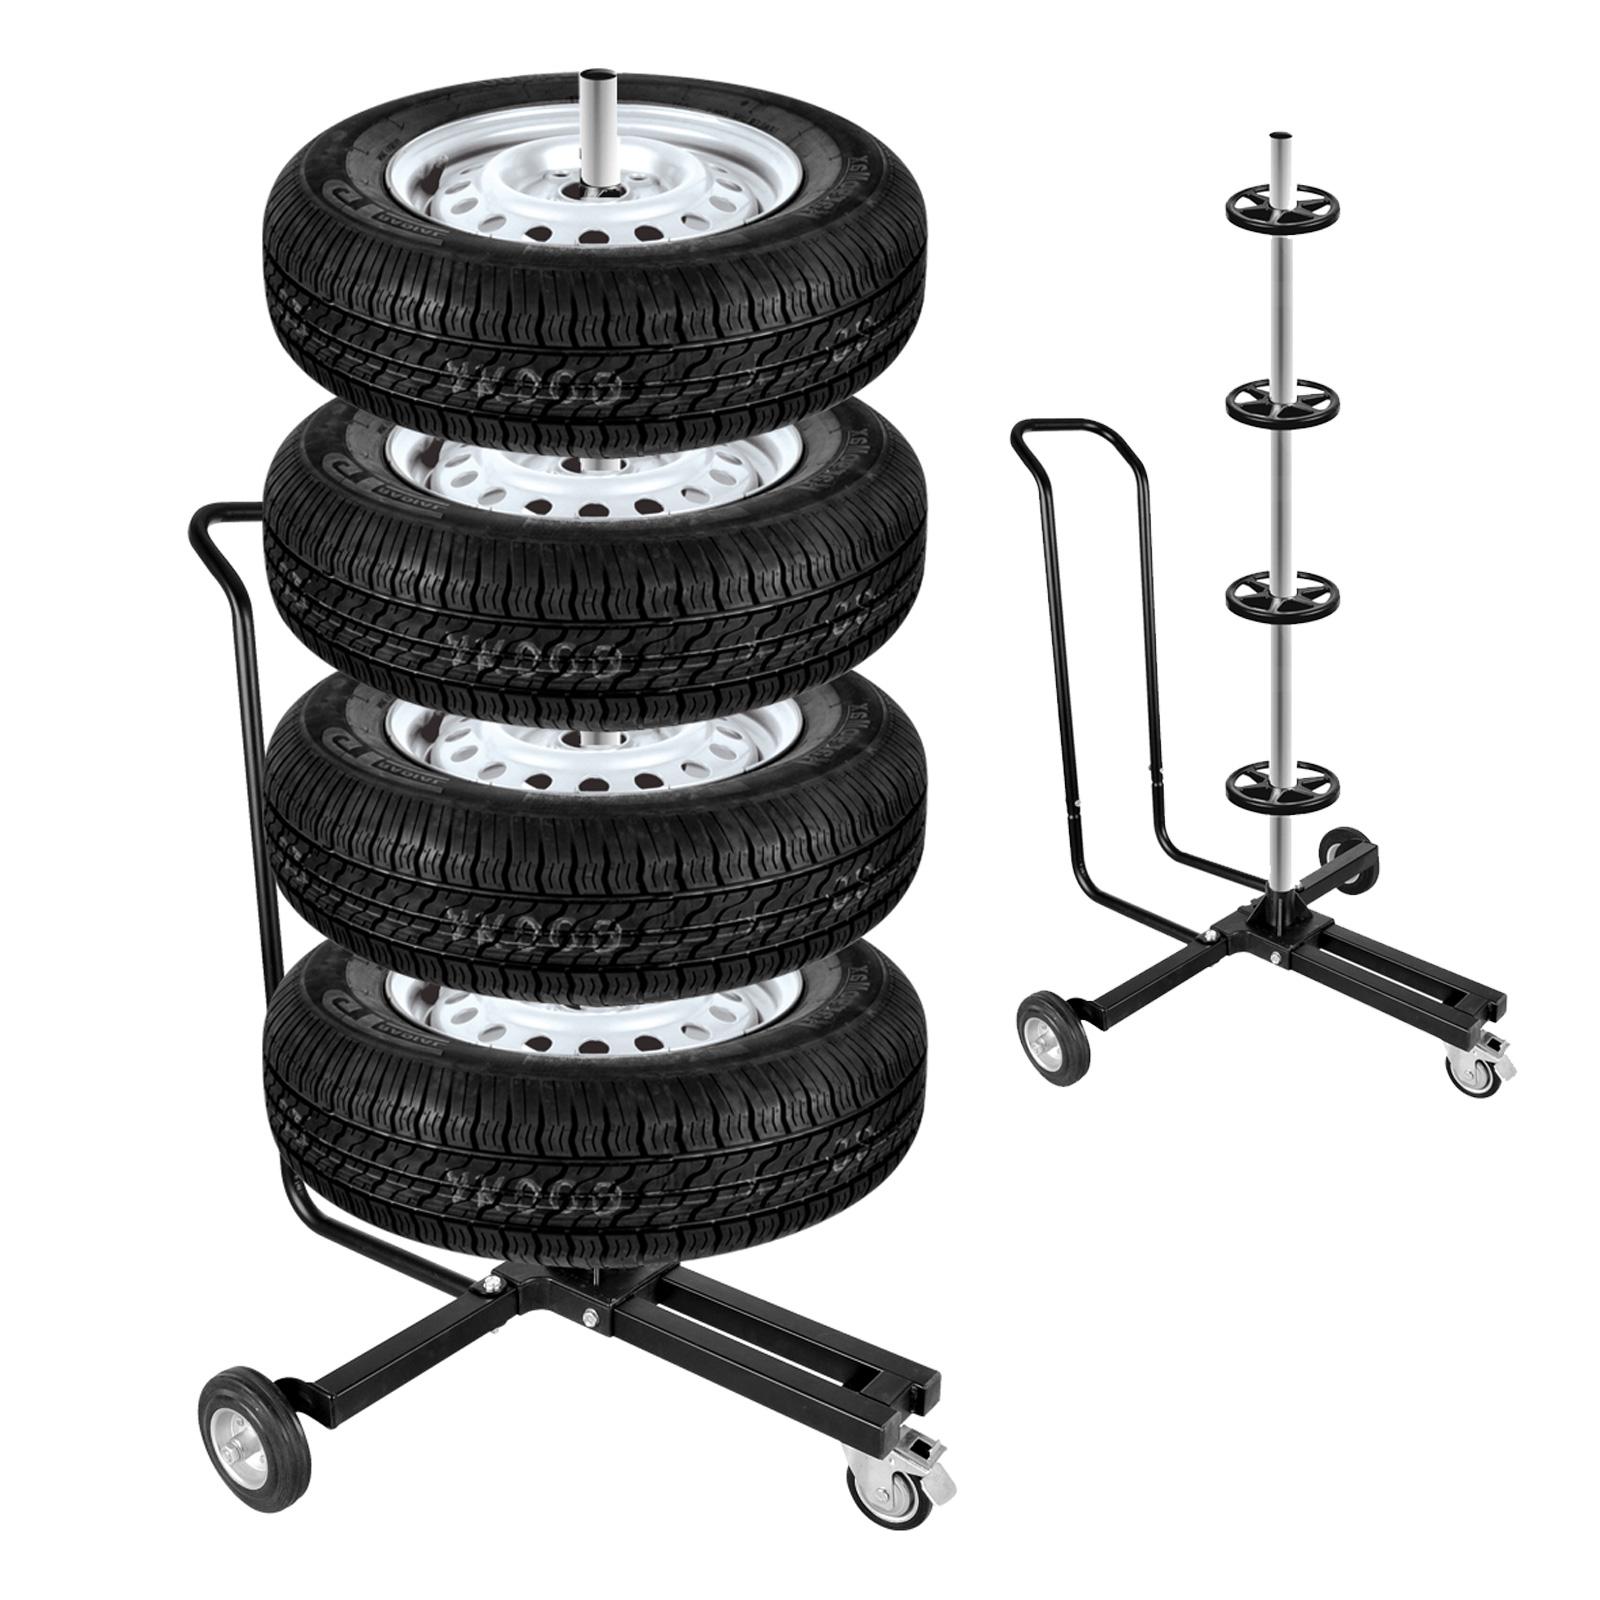 Felgenbaum Alu fahrbar schwarz 225er Reifen 4 Reifen max 100 Kg mit Bremse